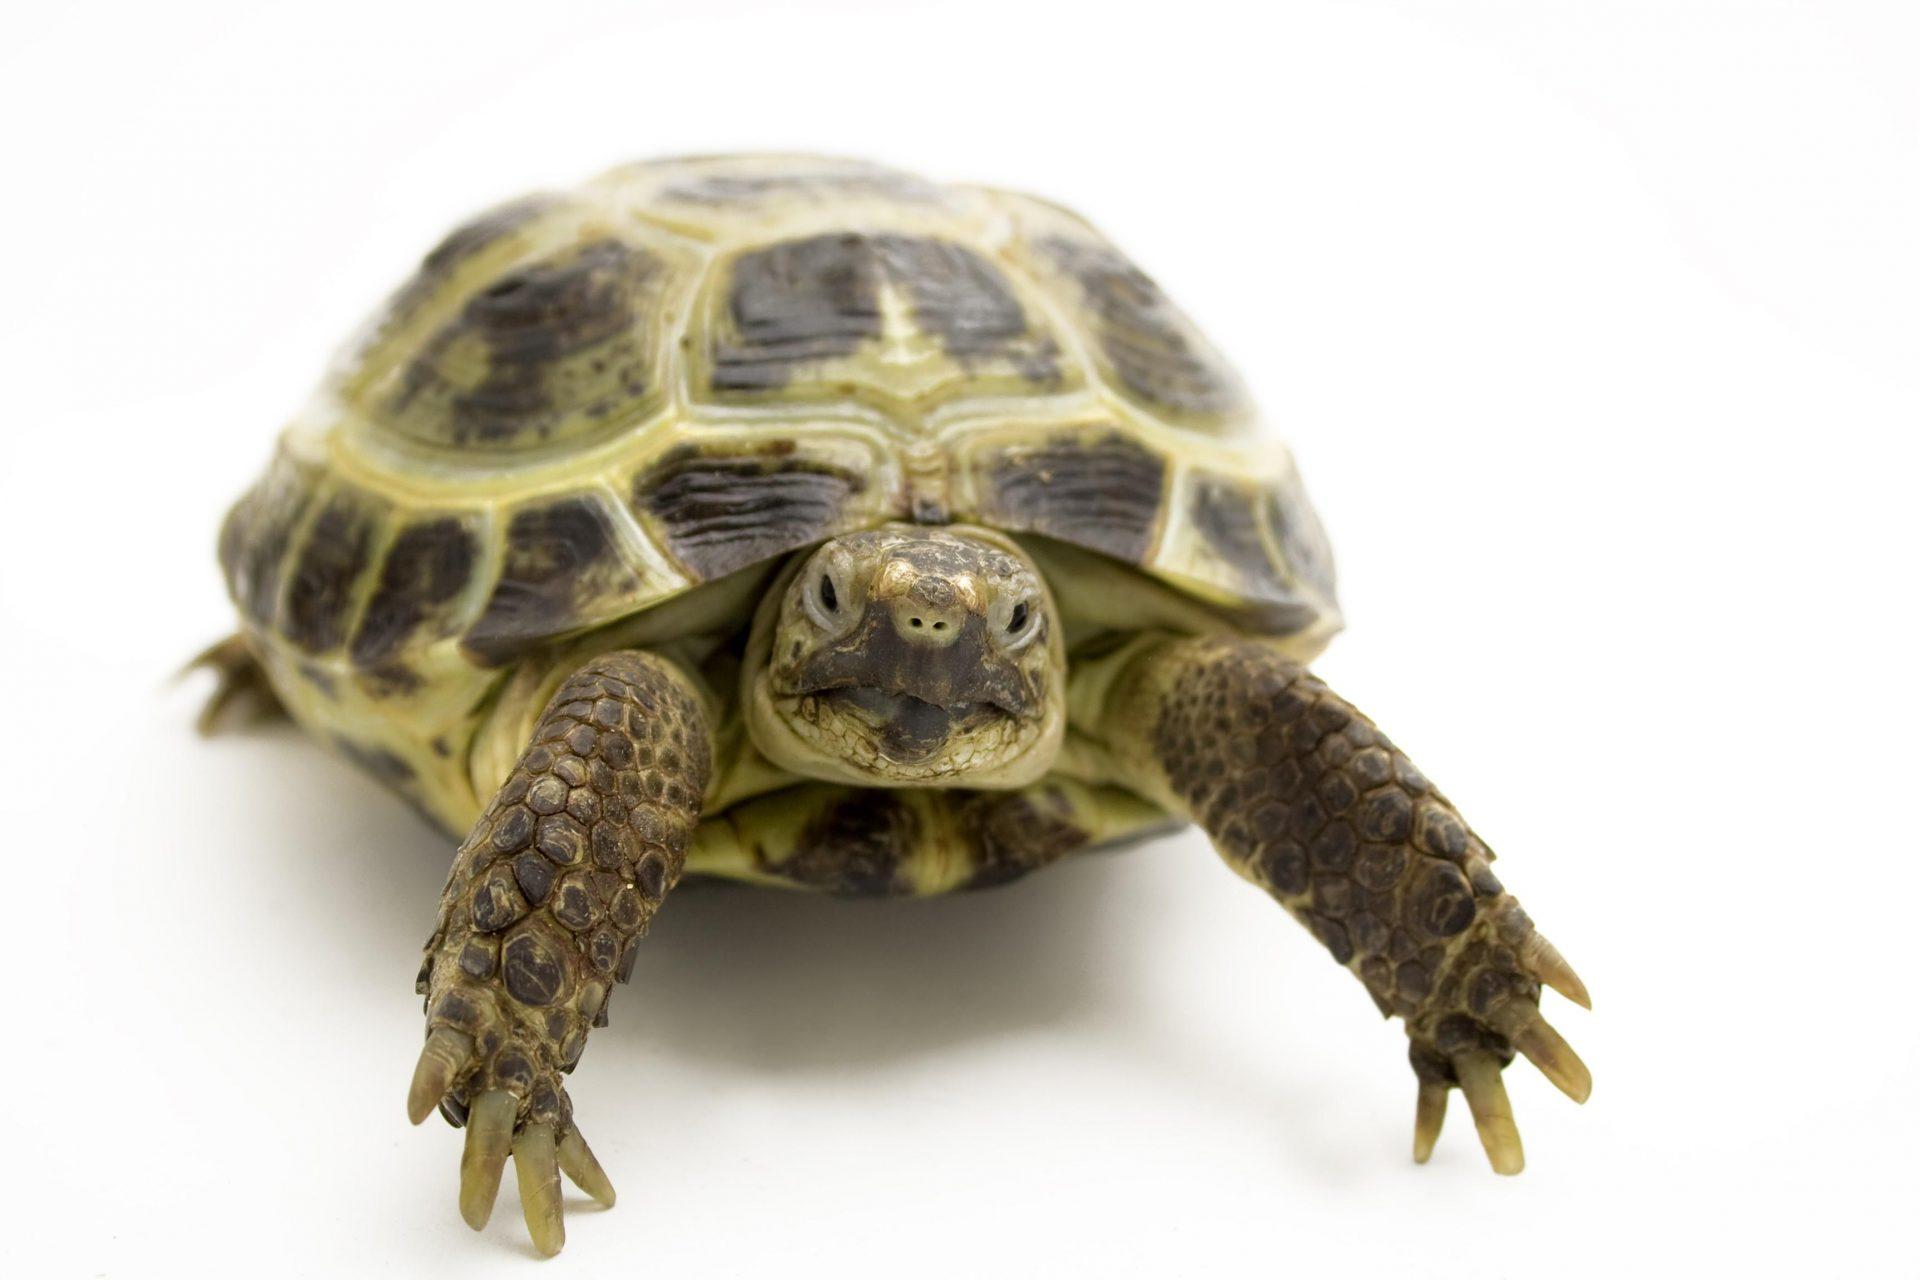 Giornata informativa su rettili e tartarughe garden for Termoriscaldatore per tartarughe